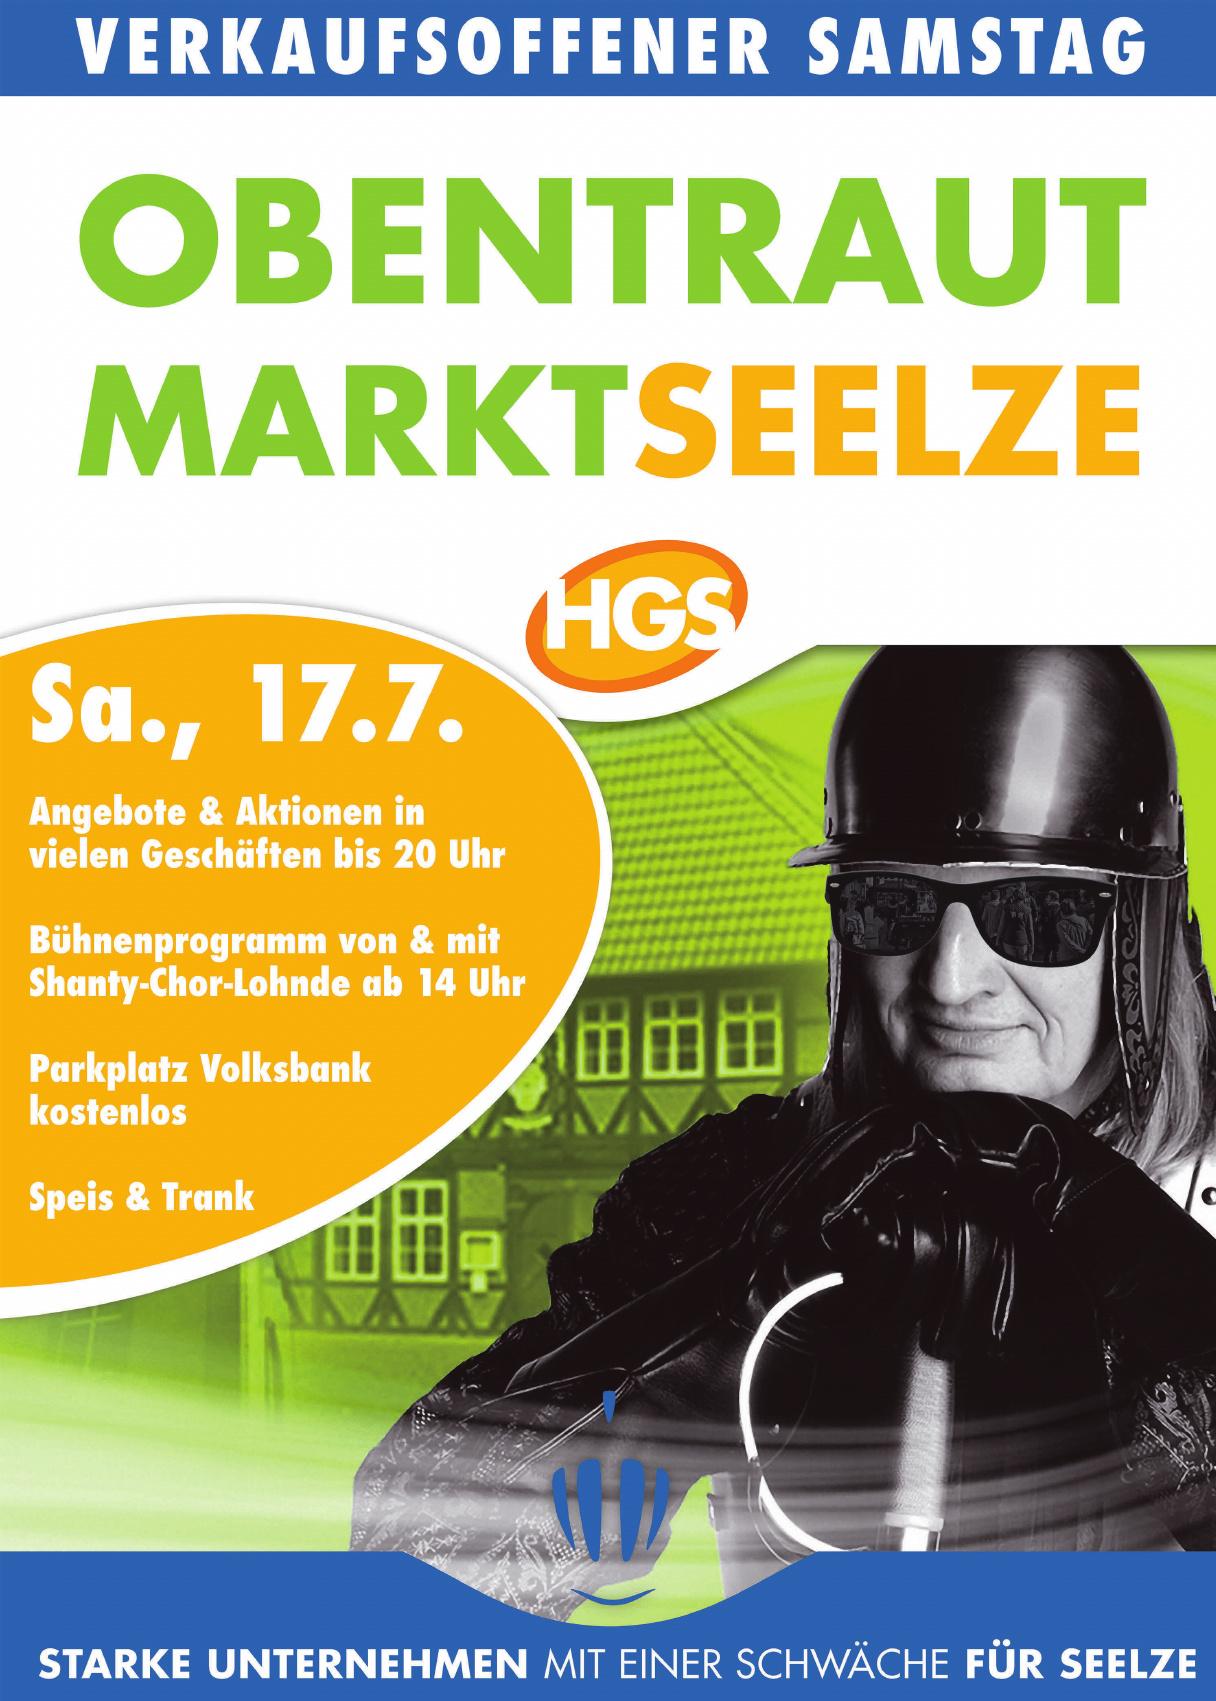 Obentrautmarkt Seelze